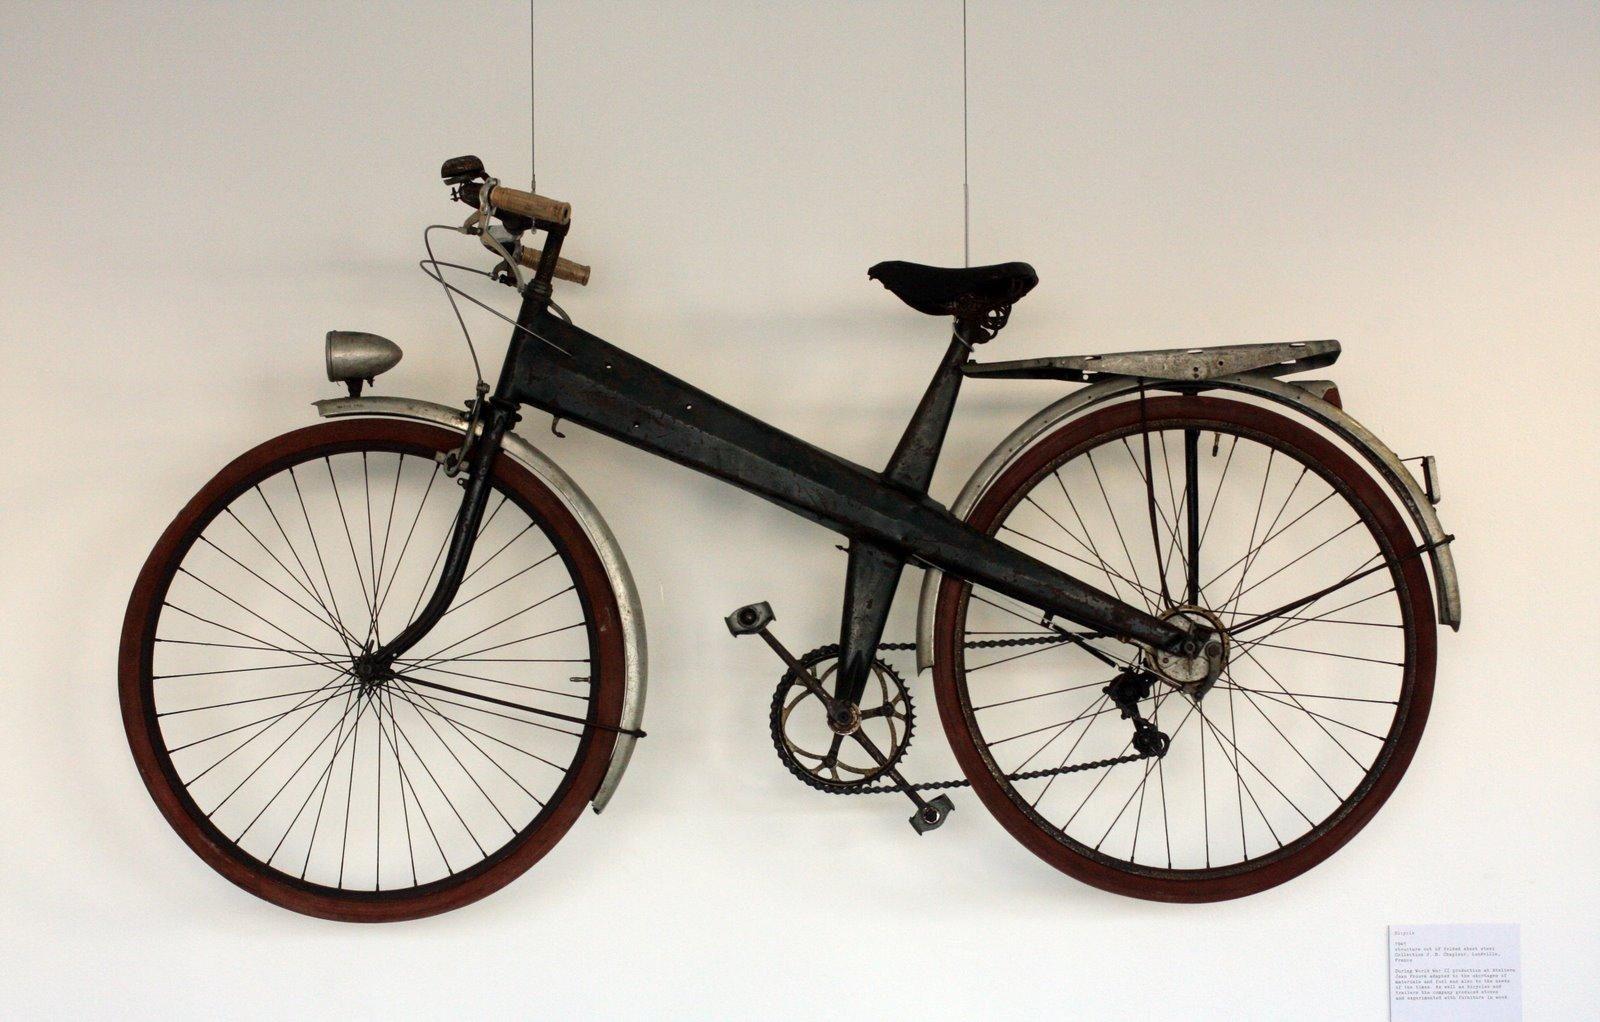 La future star de votre garage, c'est ce vélo électrique au look vintage ! Par Robin Ecoeur  6b9ec0f9bd5e7e9545222363b9328796